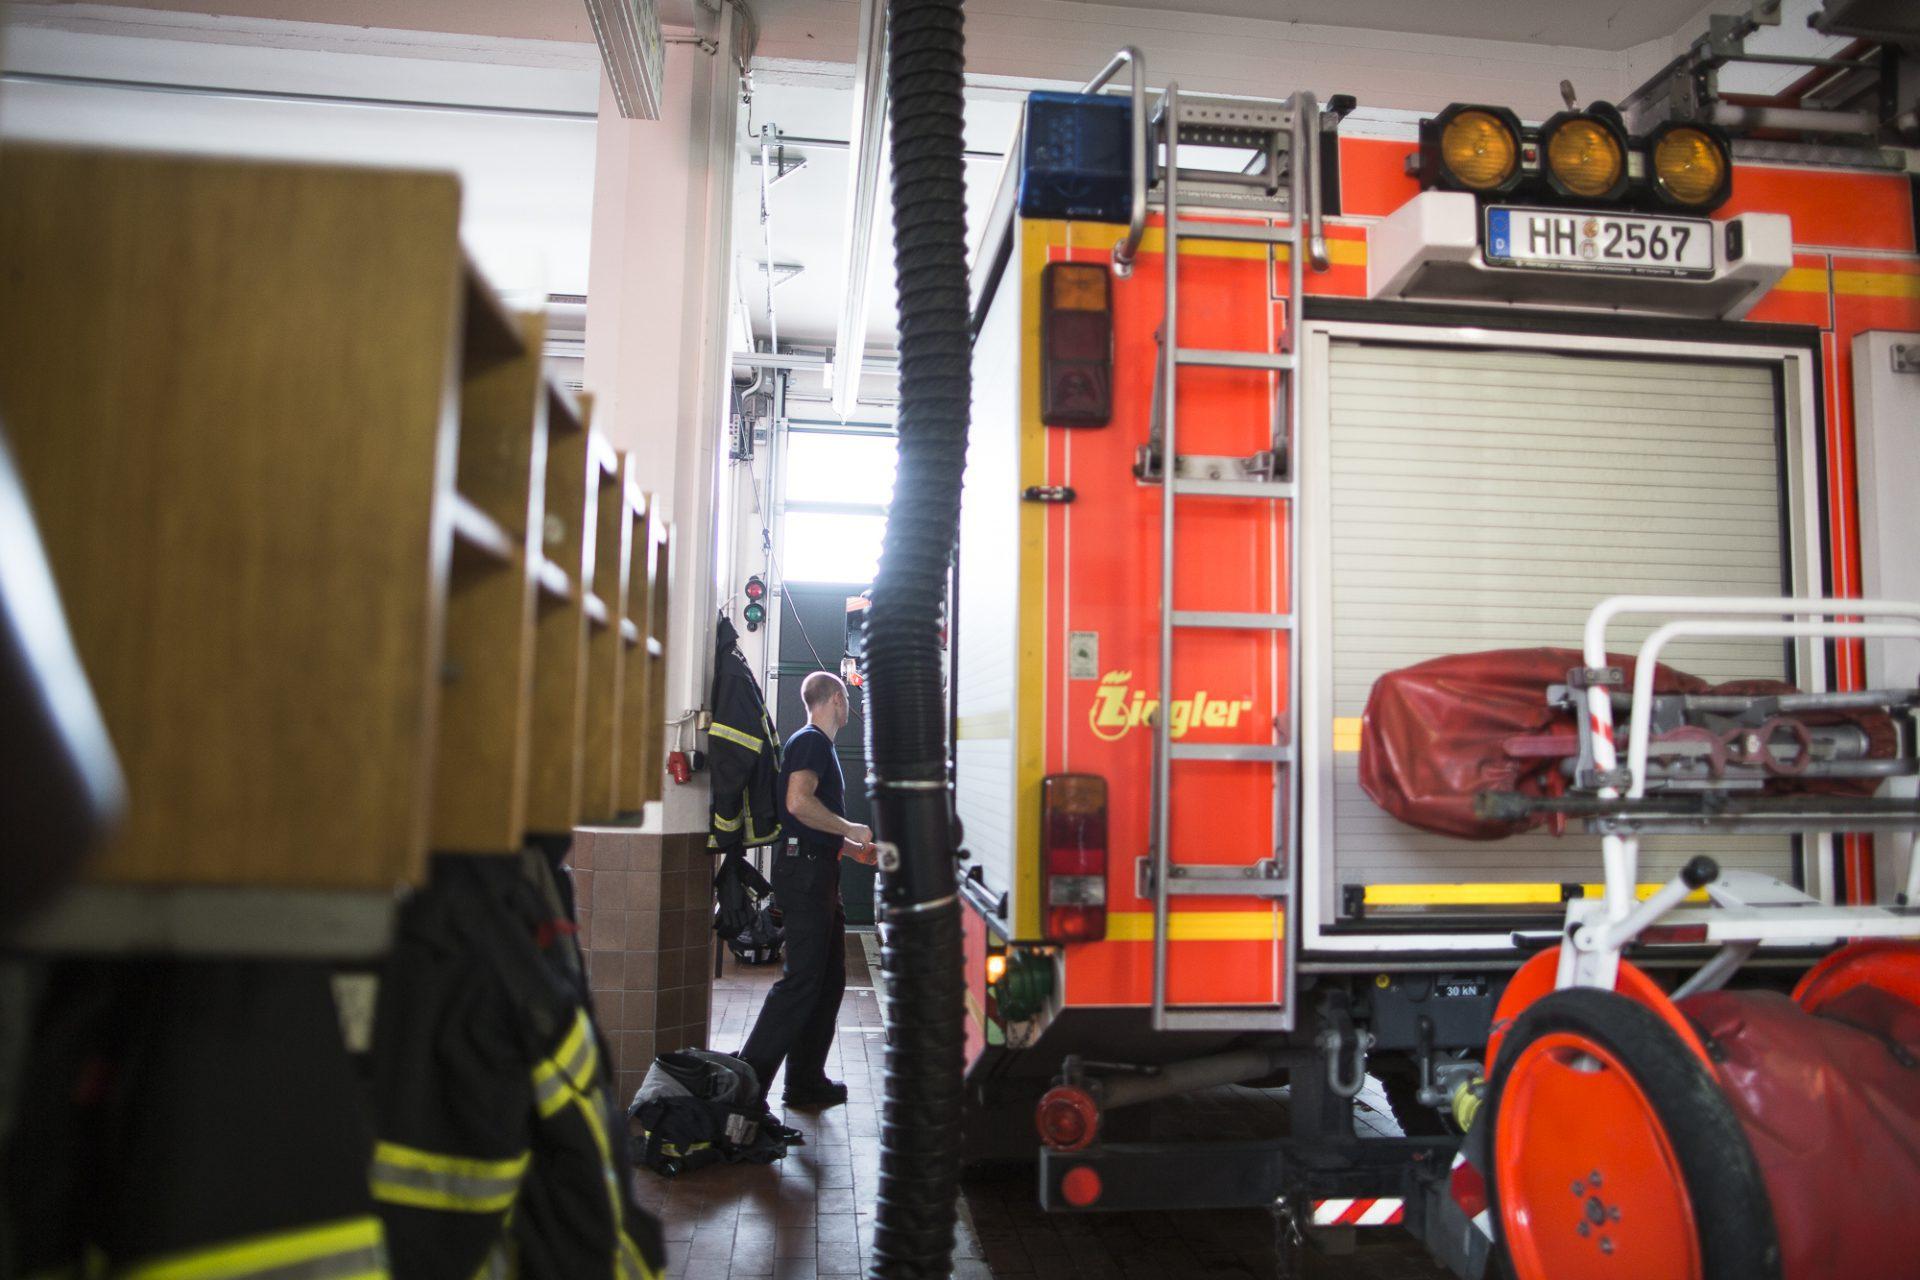 Szenenbild in der Feuerwehr-Halle